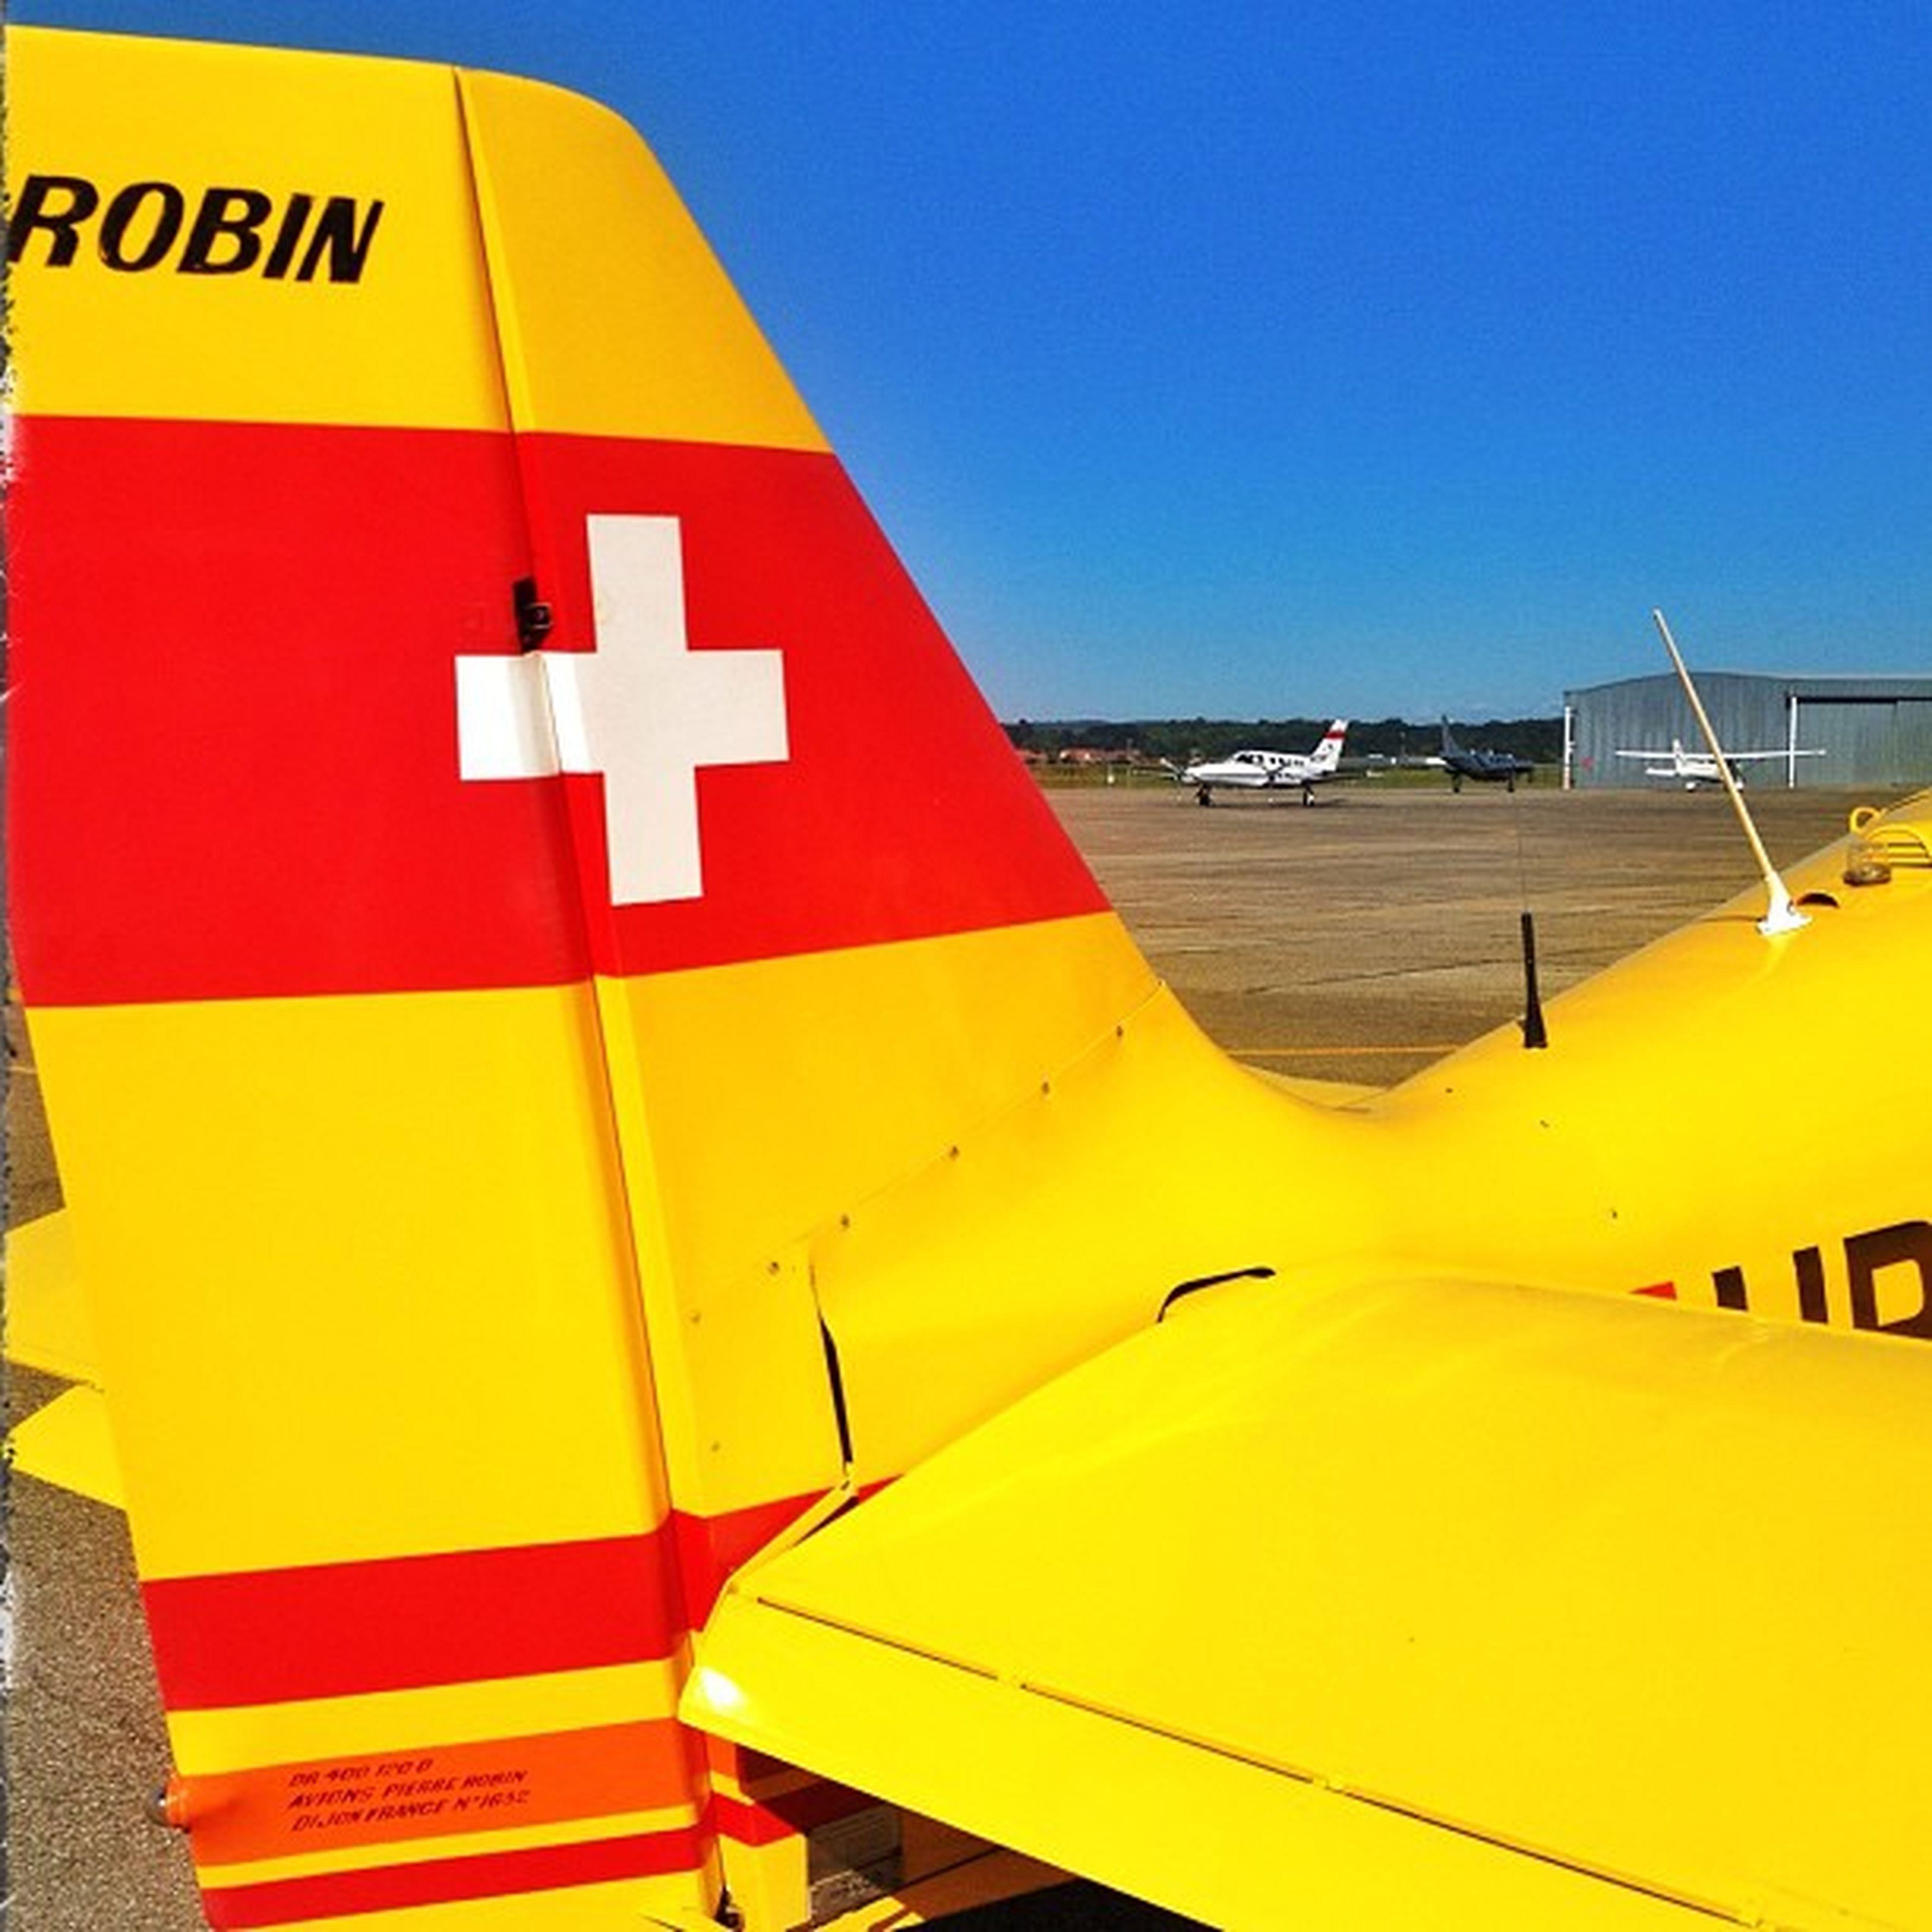 Beflügelnder Ausblick in Basel Lfsb auf die Robin HB-POC